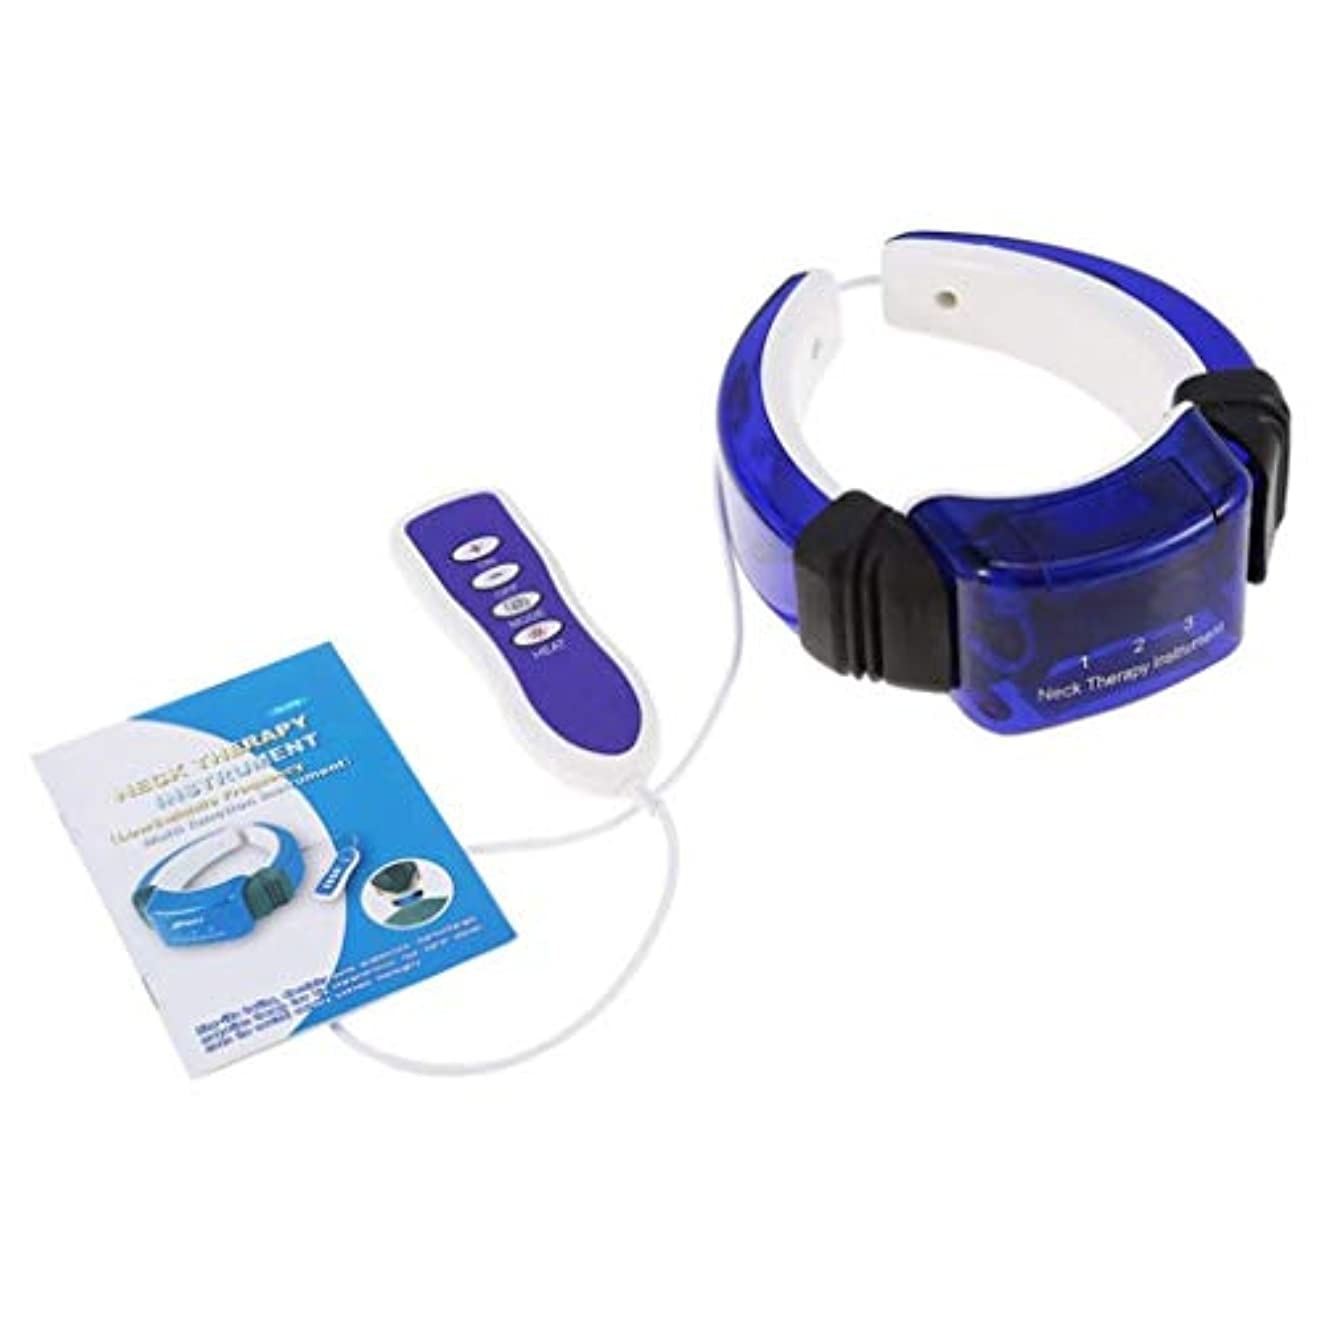 簡単な扱うおめでとう子宮頸マッサージ器、電動ネックマッサージ器、経絡鍼治療機器、子宮頸理学療法機器、痛みを和らげる